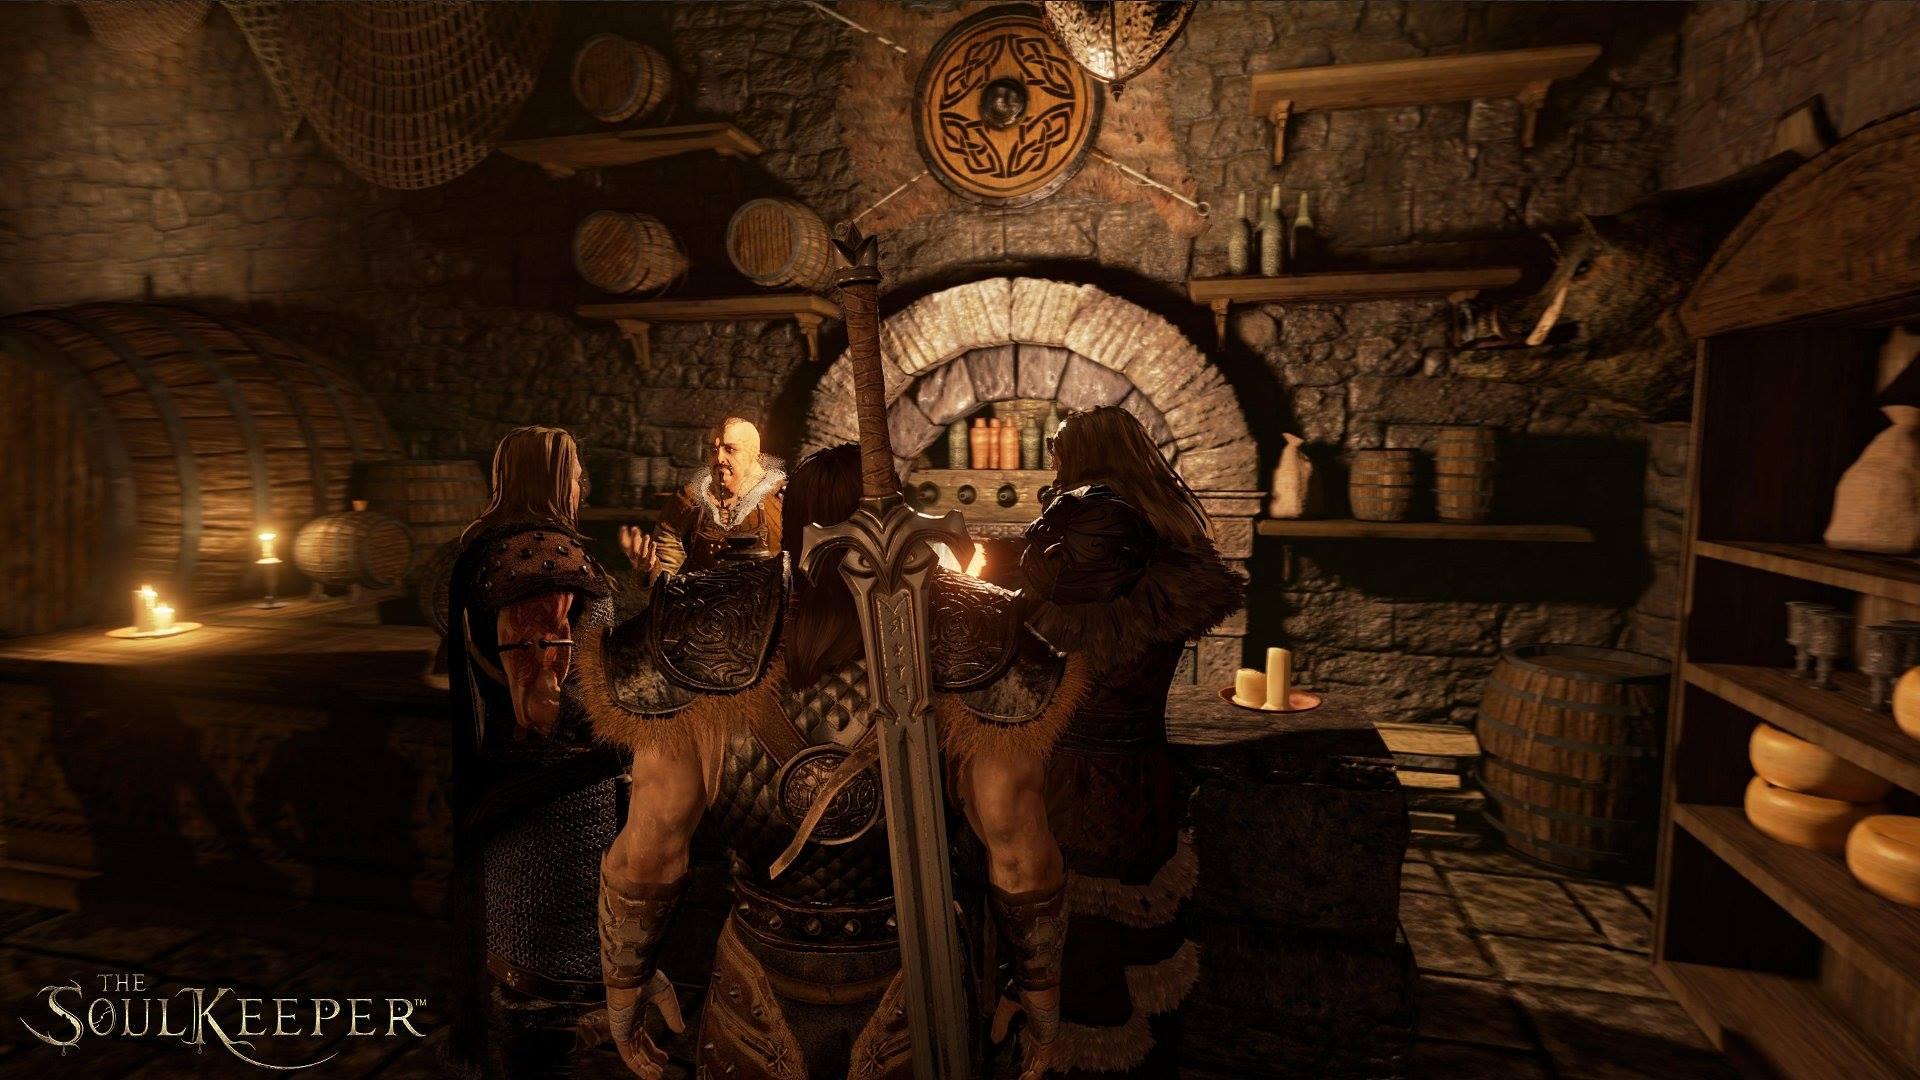 The Soul Keeper - RPG на Unreal Engine 4 - Первые скриншоты... Скайрим ты ли это ? - Изображение 2